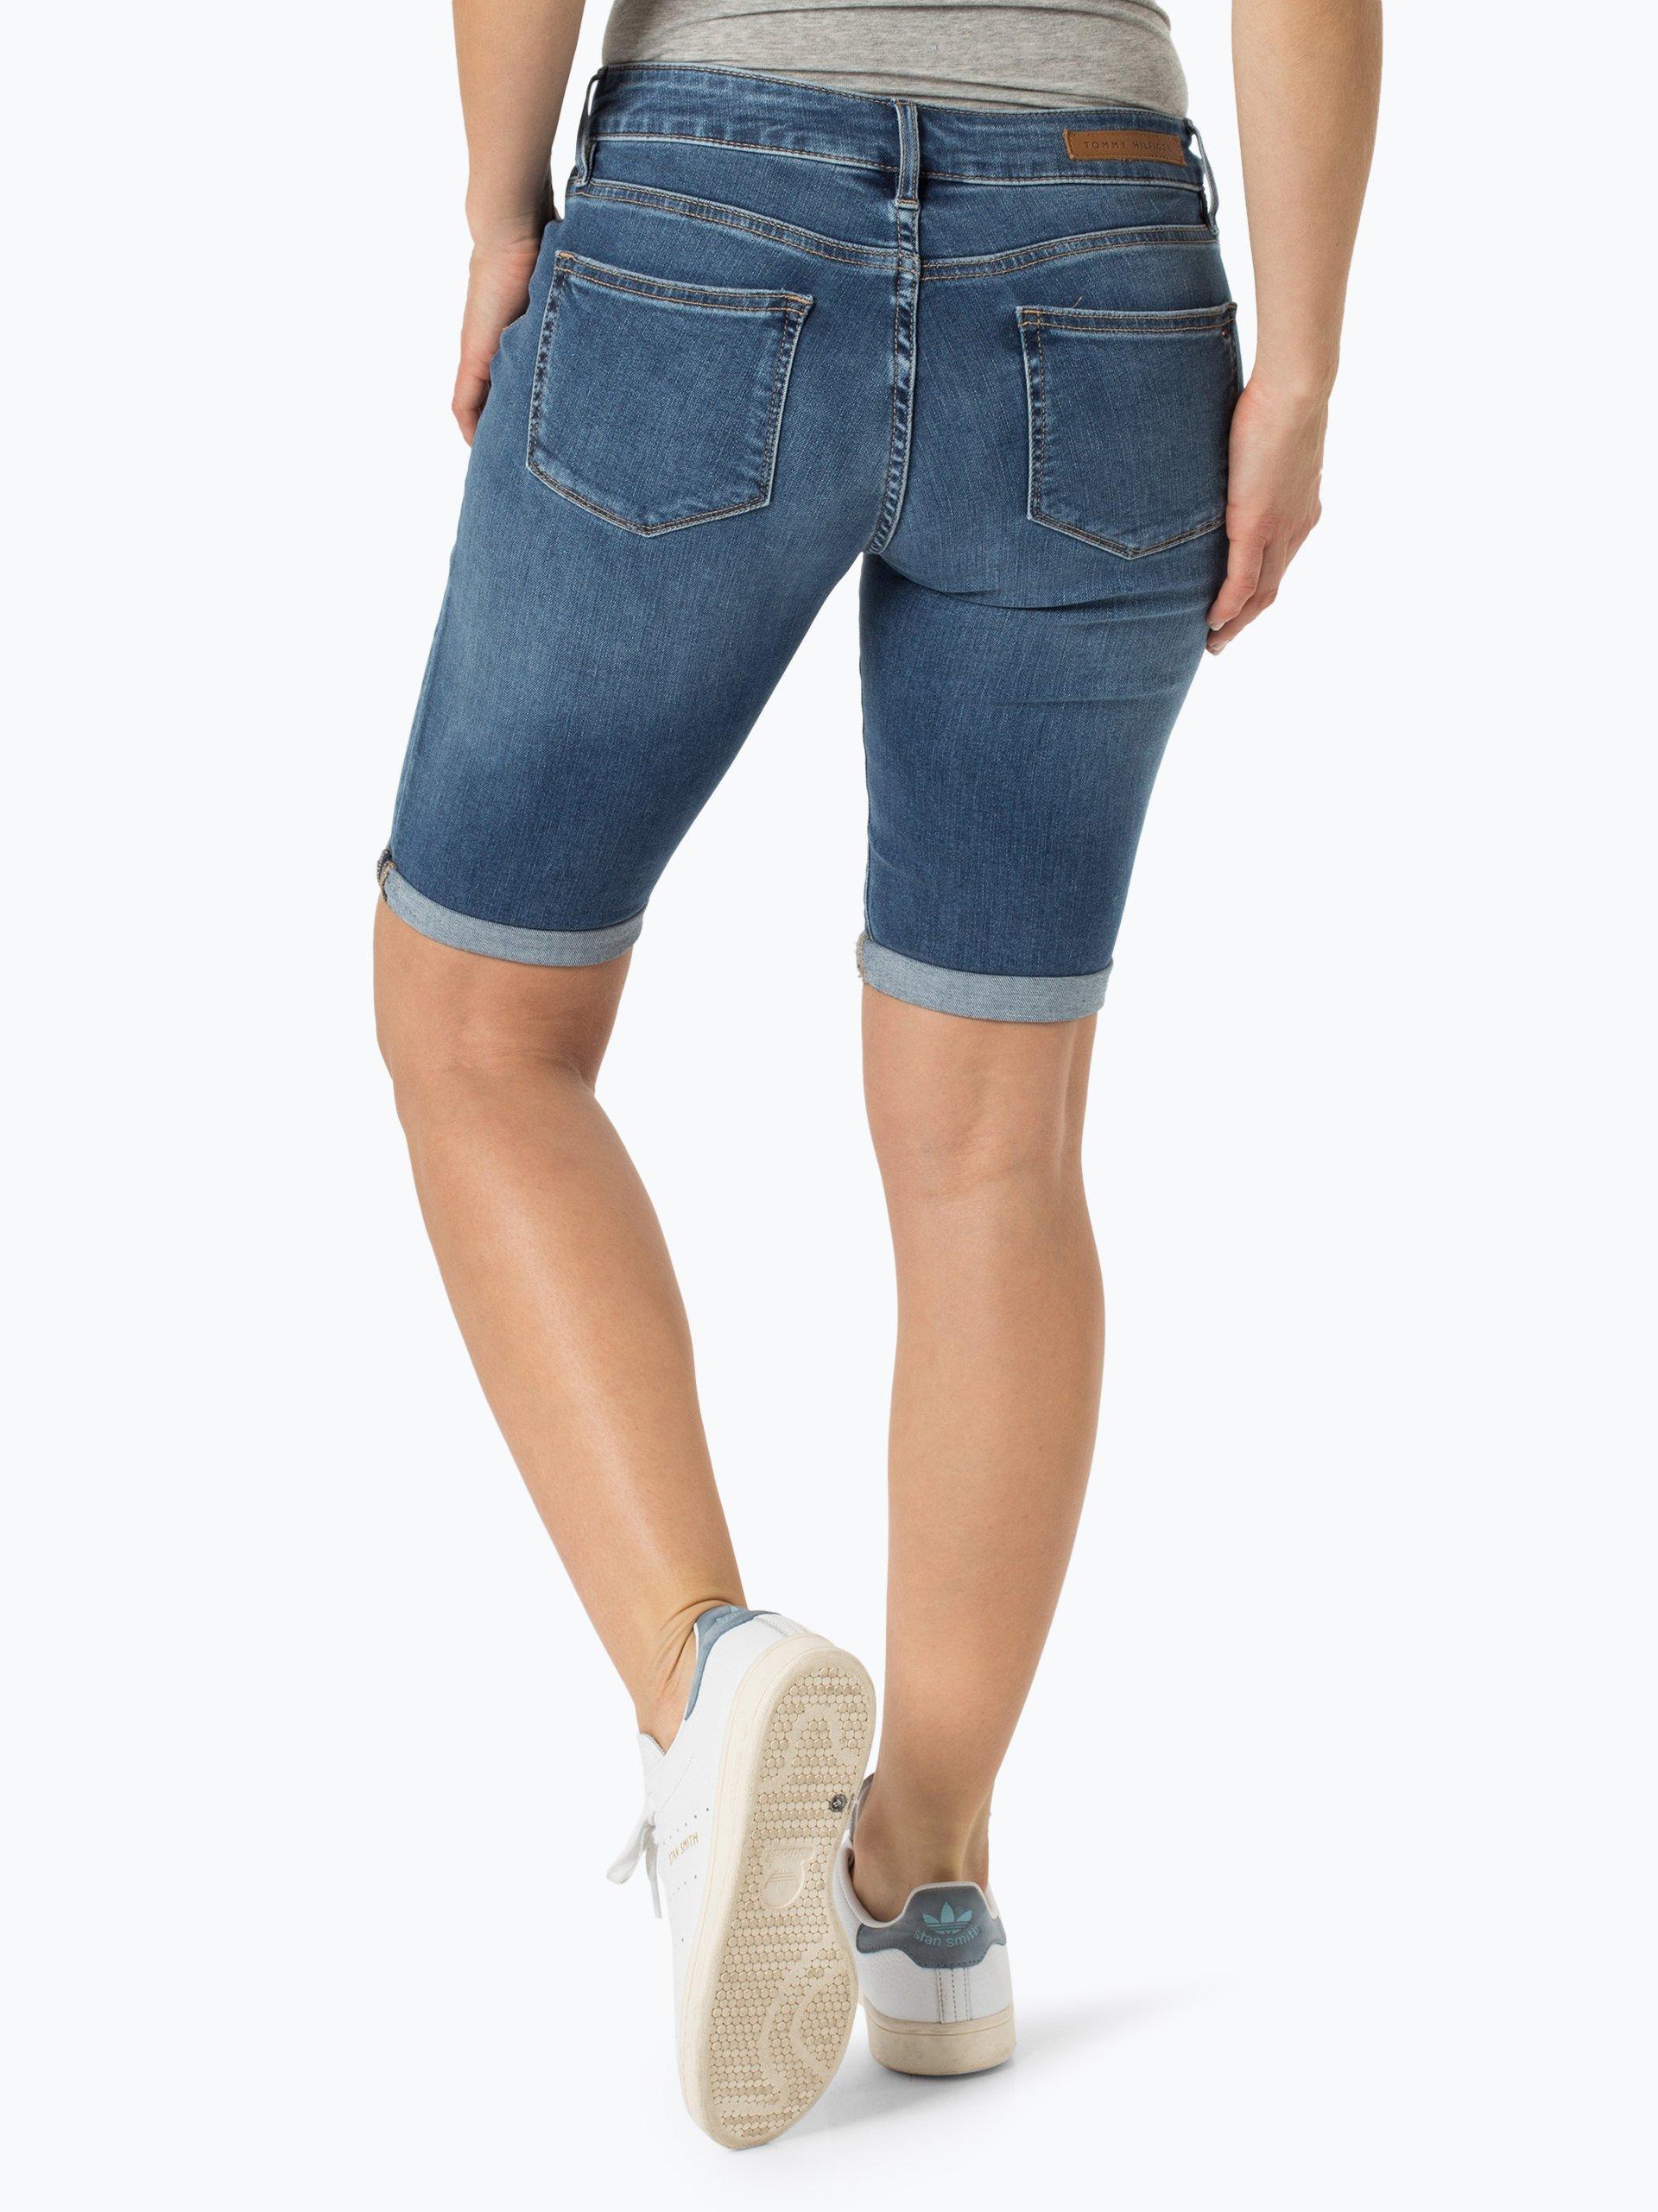 a4b06d7f86562 Tommy Hilfiger Damskie krótkie spodenki jeansowe – Venice kup online ...